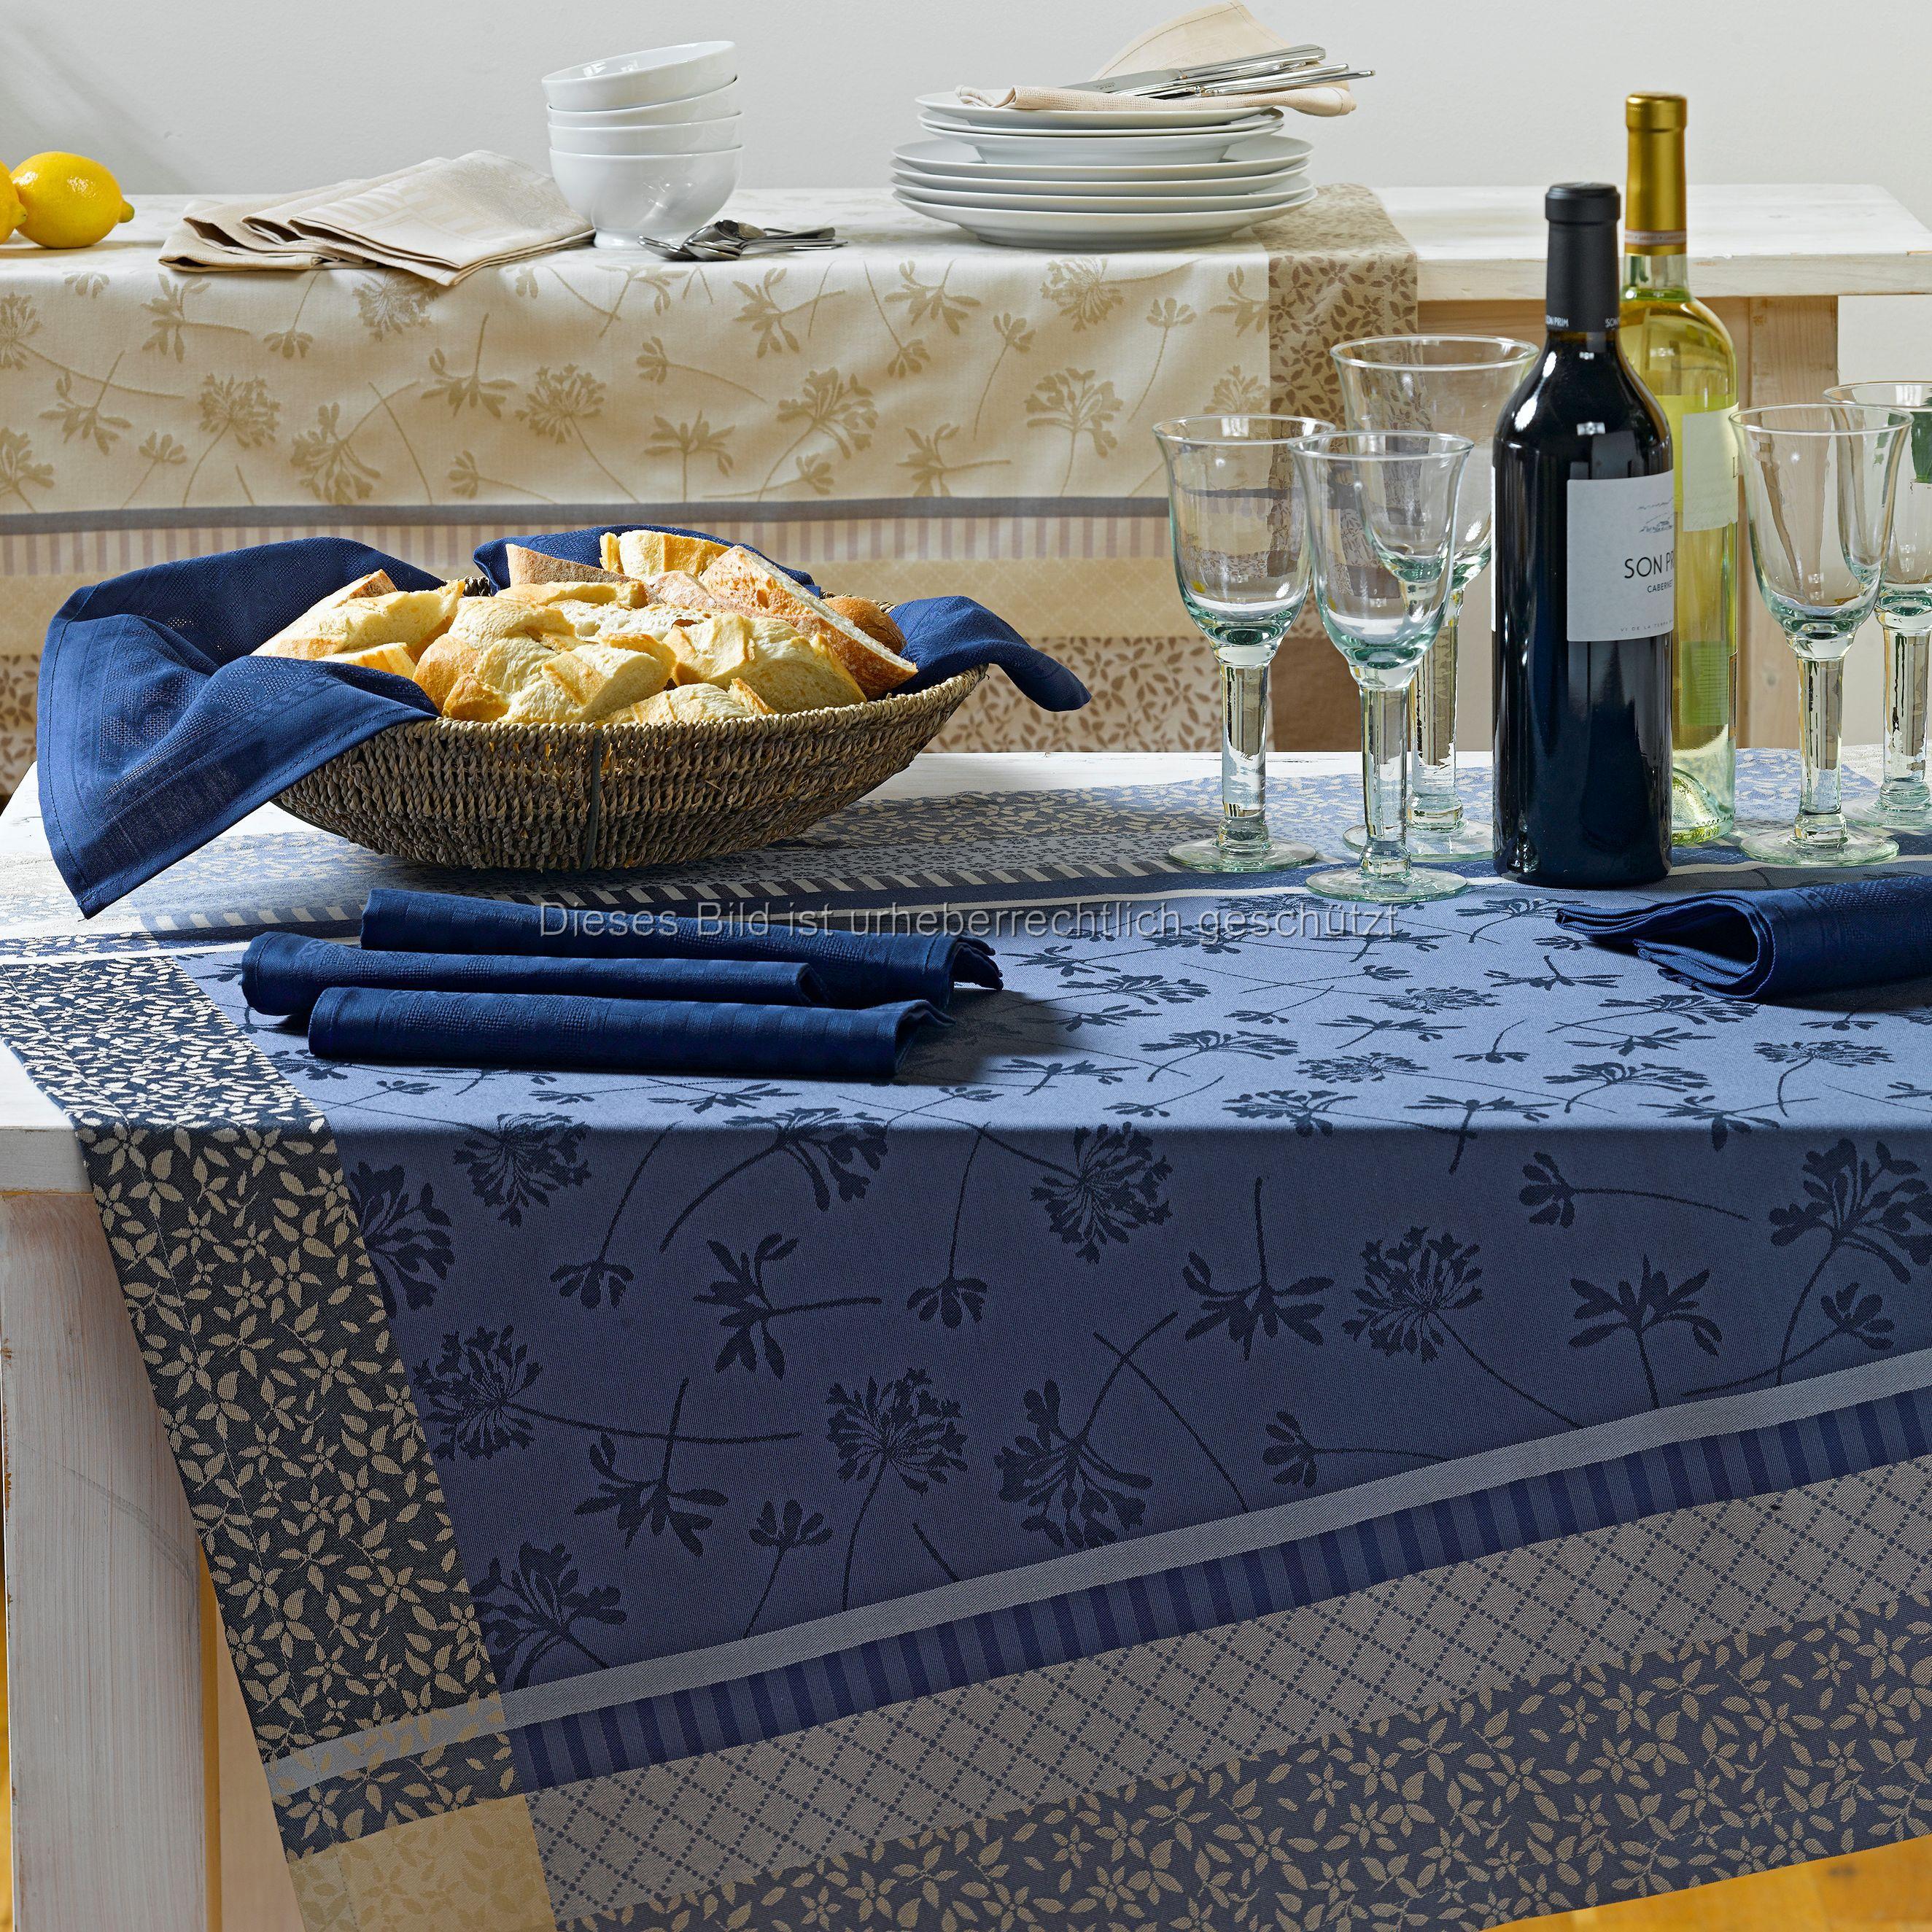 Einfach chic: Tischdecke AVIGNON im französischen Jacquardstil. Von Sander.